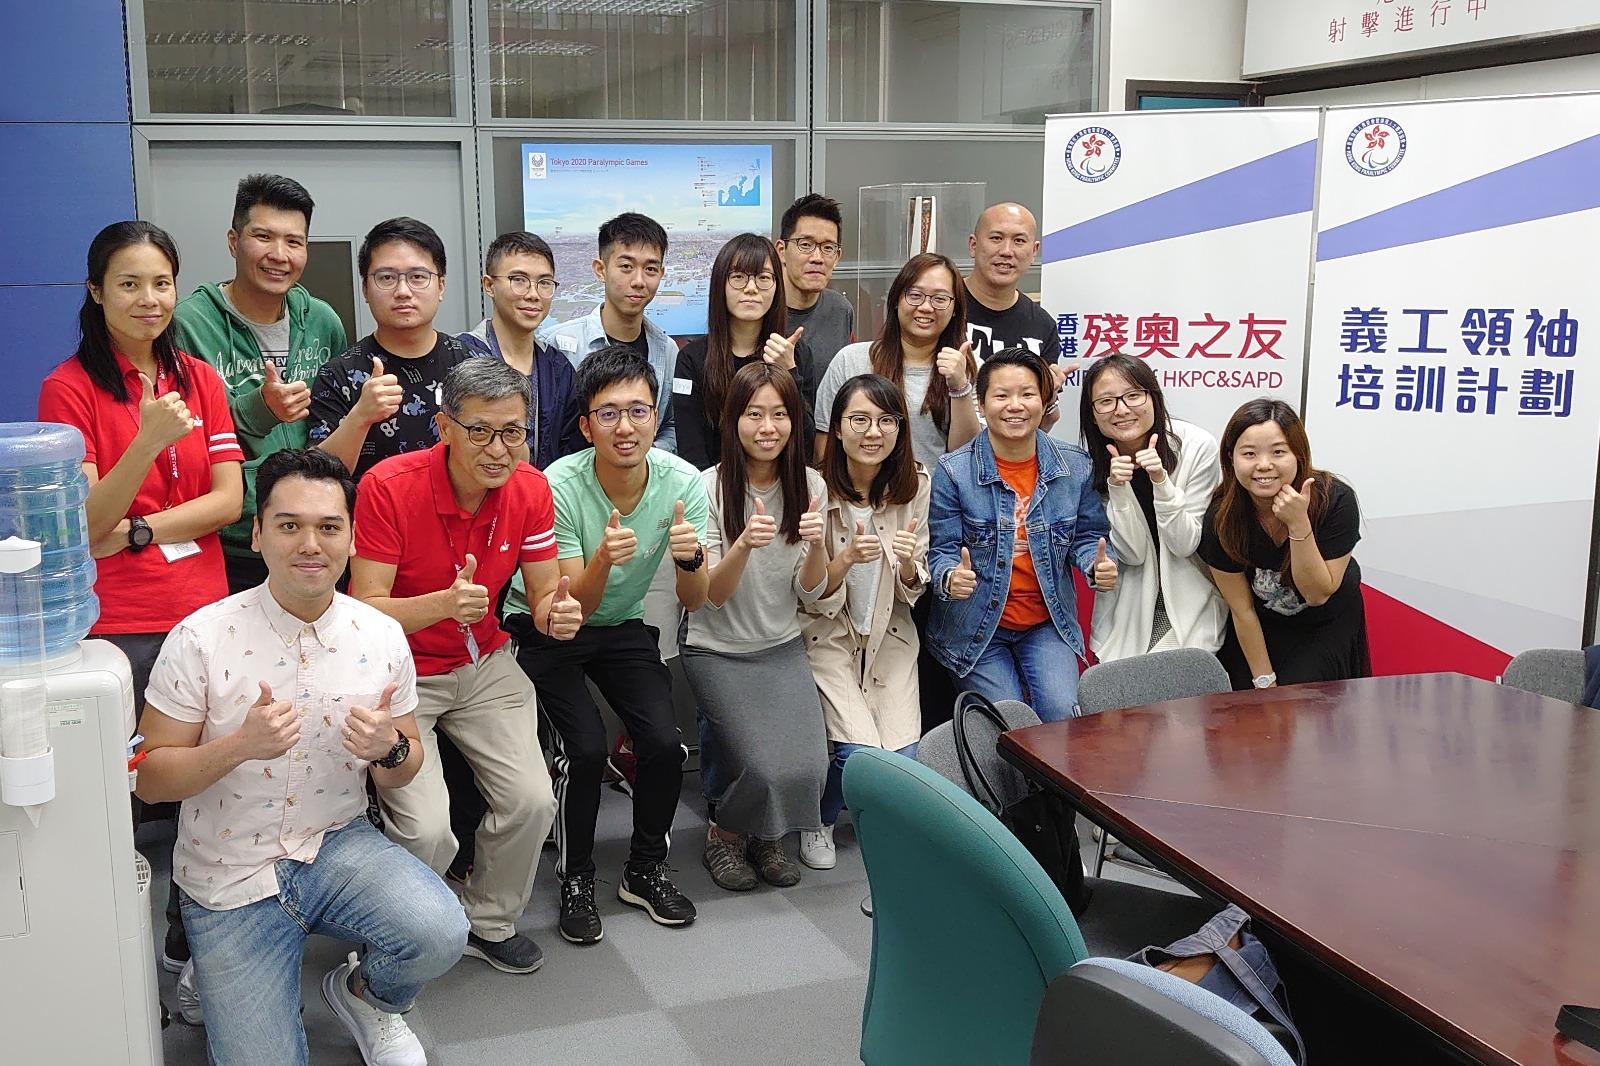 香港殘奧之友義工領袖培訓計劃迎新日